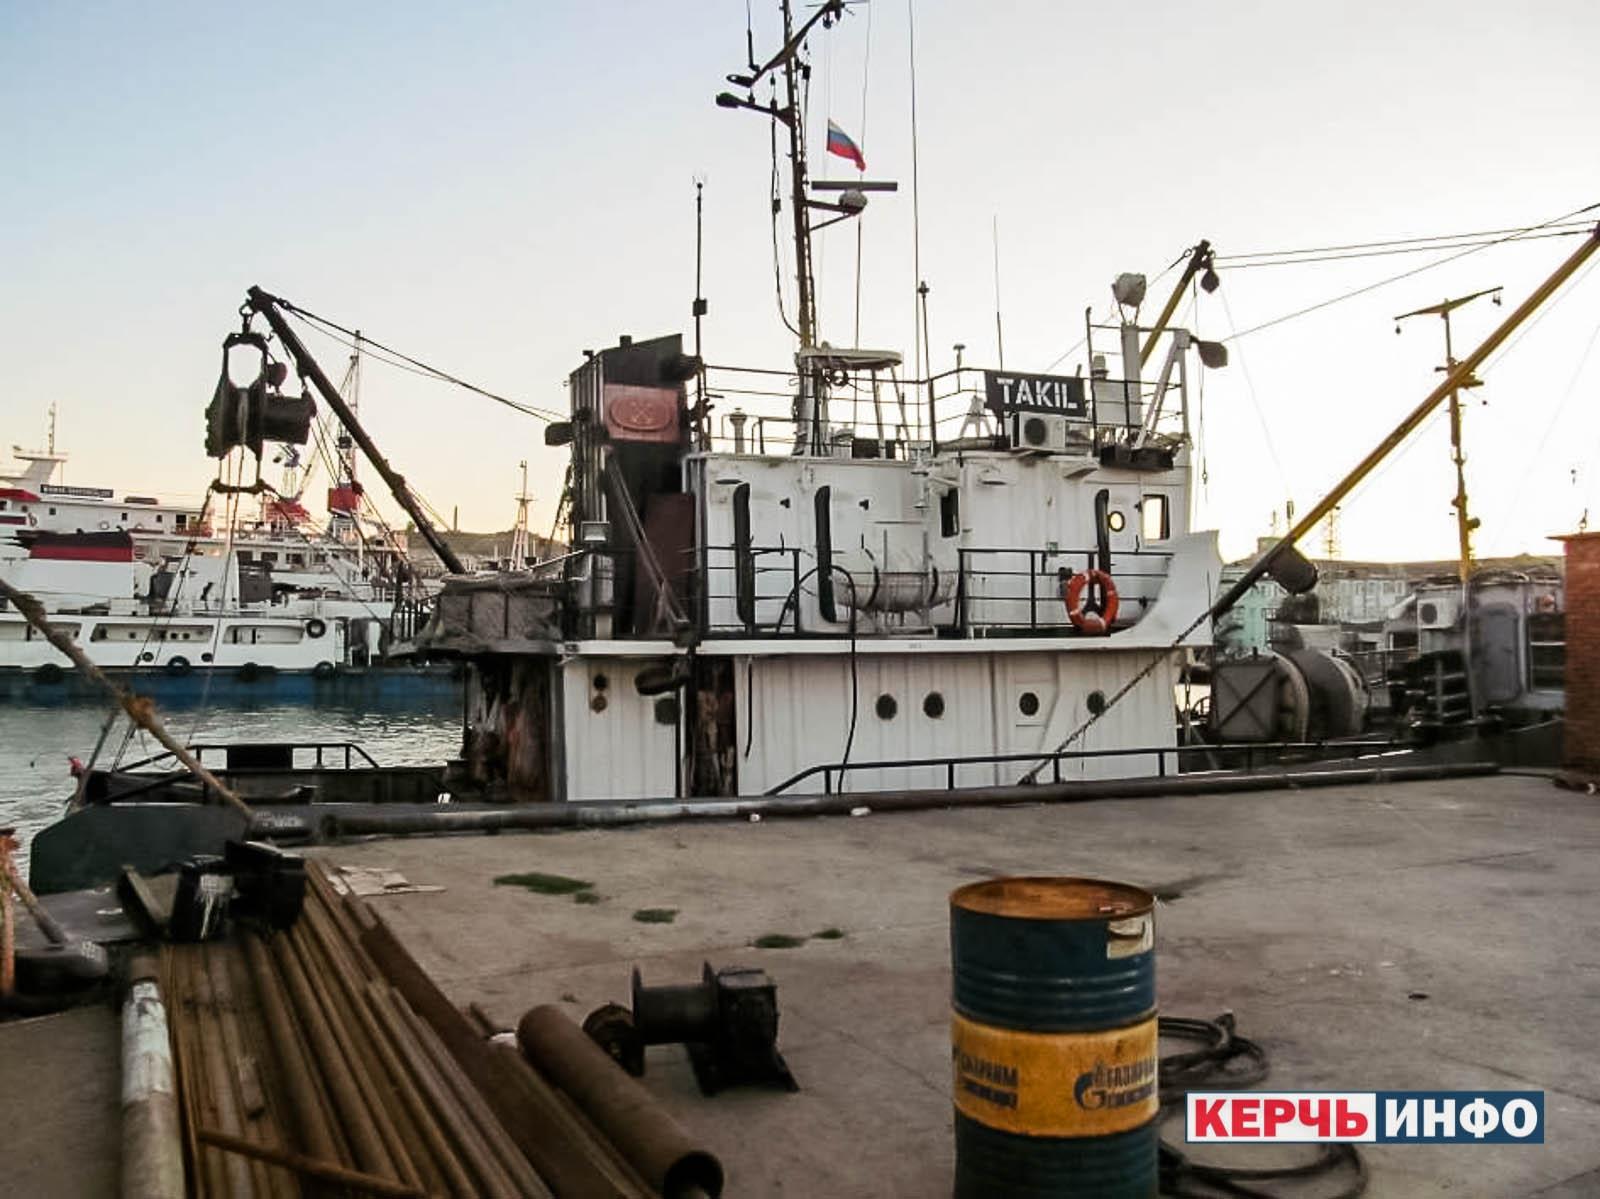 Упал за борт: в Азовском море недалеко от украинского берега пропал крымский рыбак